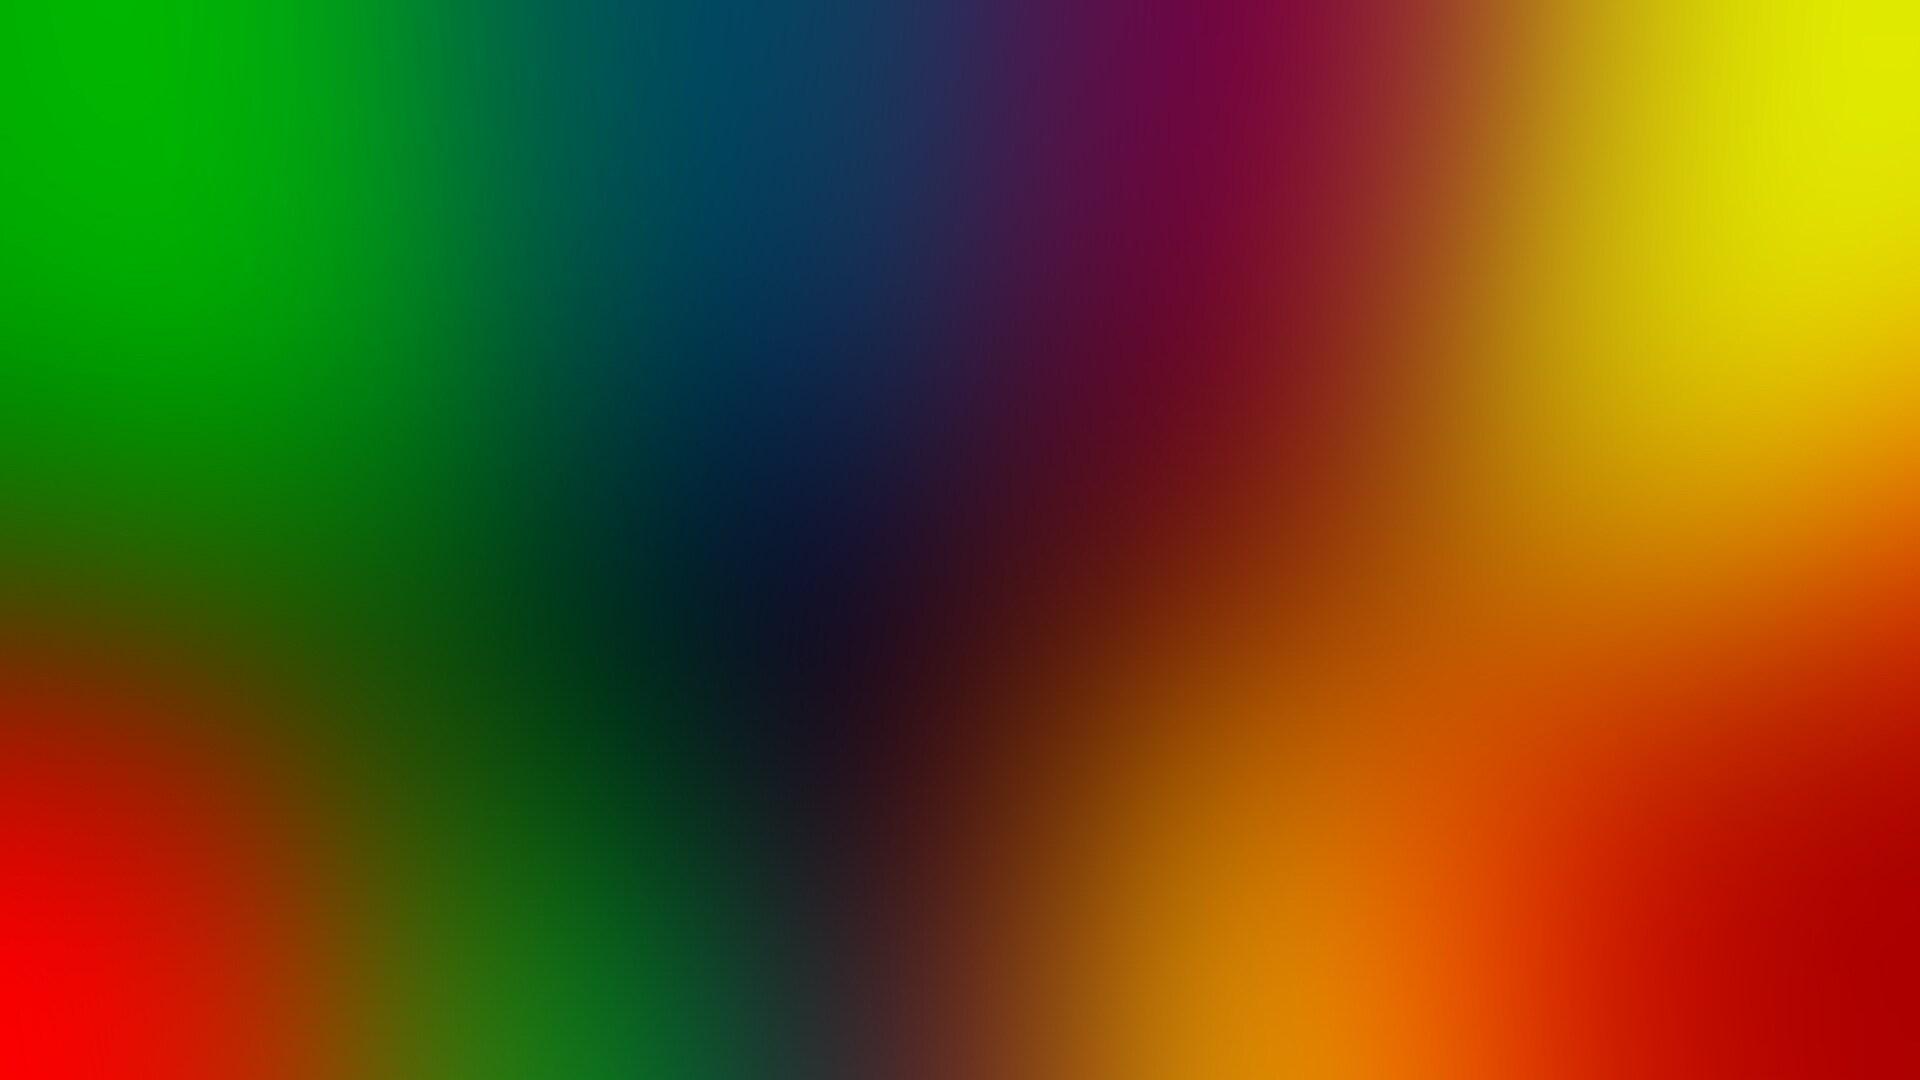 AWallpapers: 20 sfondi sfumati/sfocati per il vostro smartphone e ...: www.androidworld.it/2014/04/29/awallpapers-20-sfondi-sfumatisfocati...